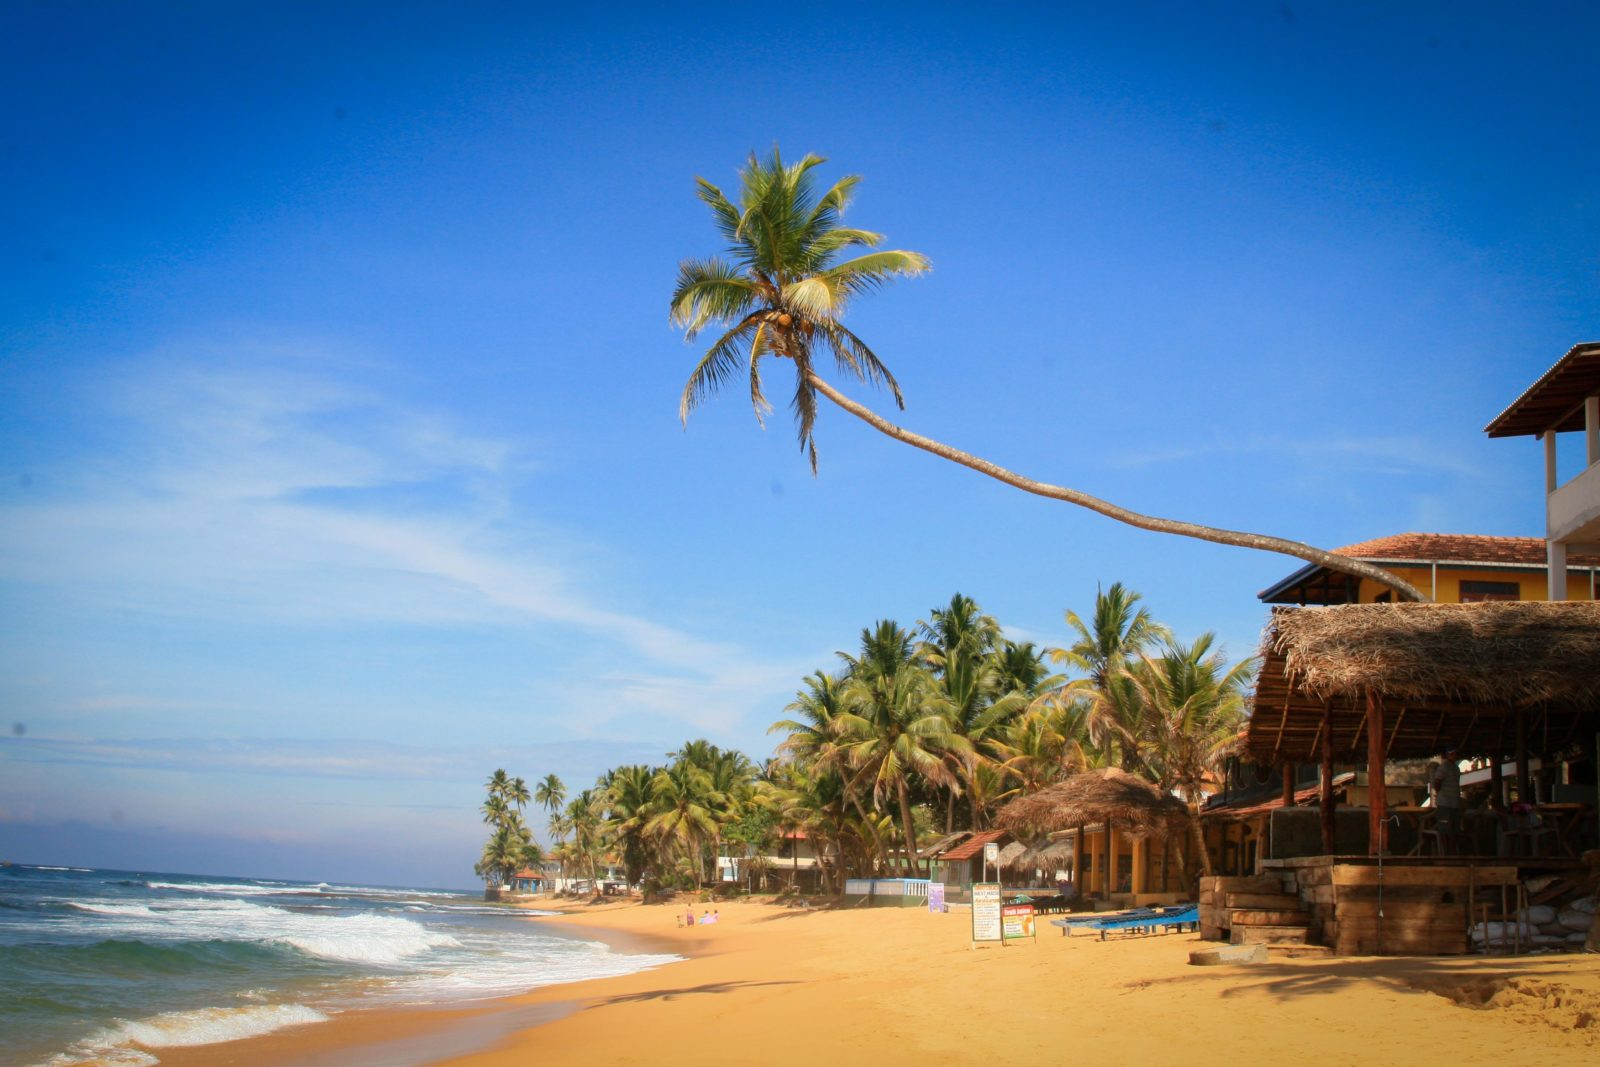 Source: Sri Lanka